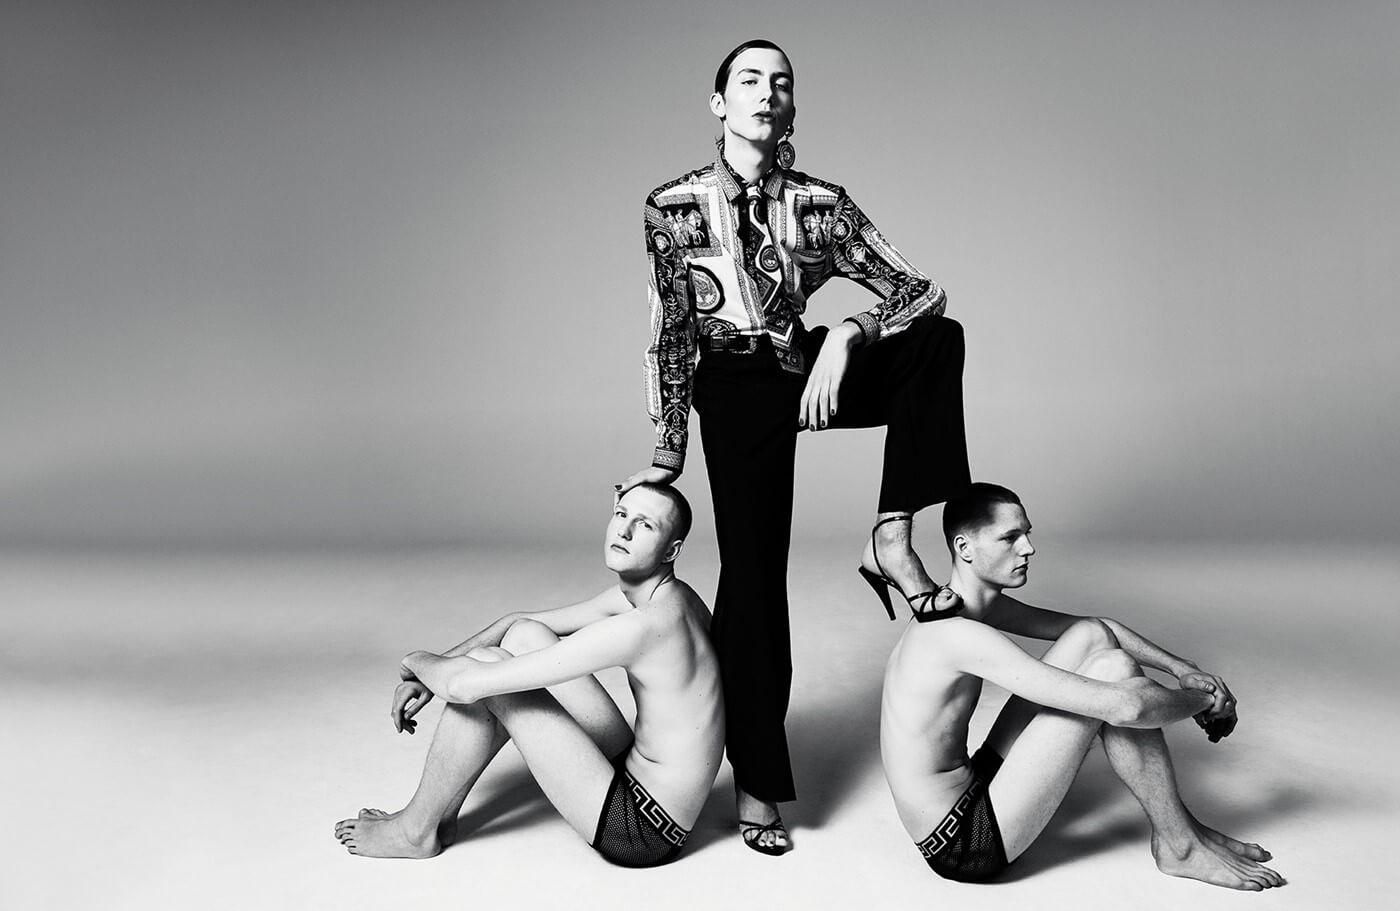 Donatella cumple 20 años en Versace con una colección punk rock bizantina llena de greatest hits